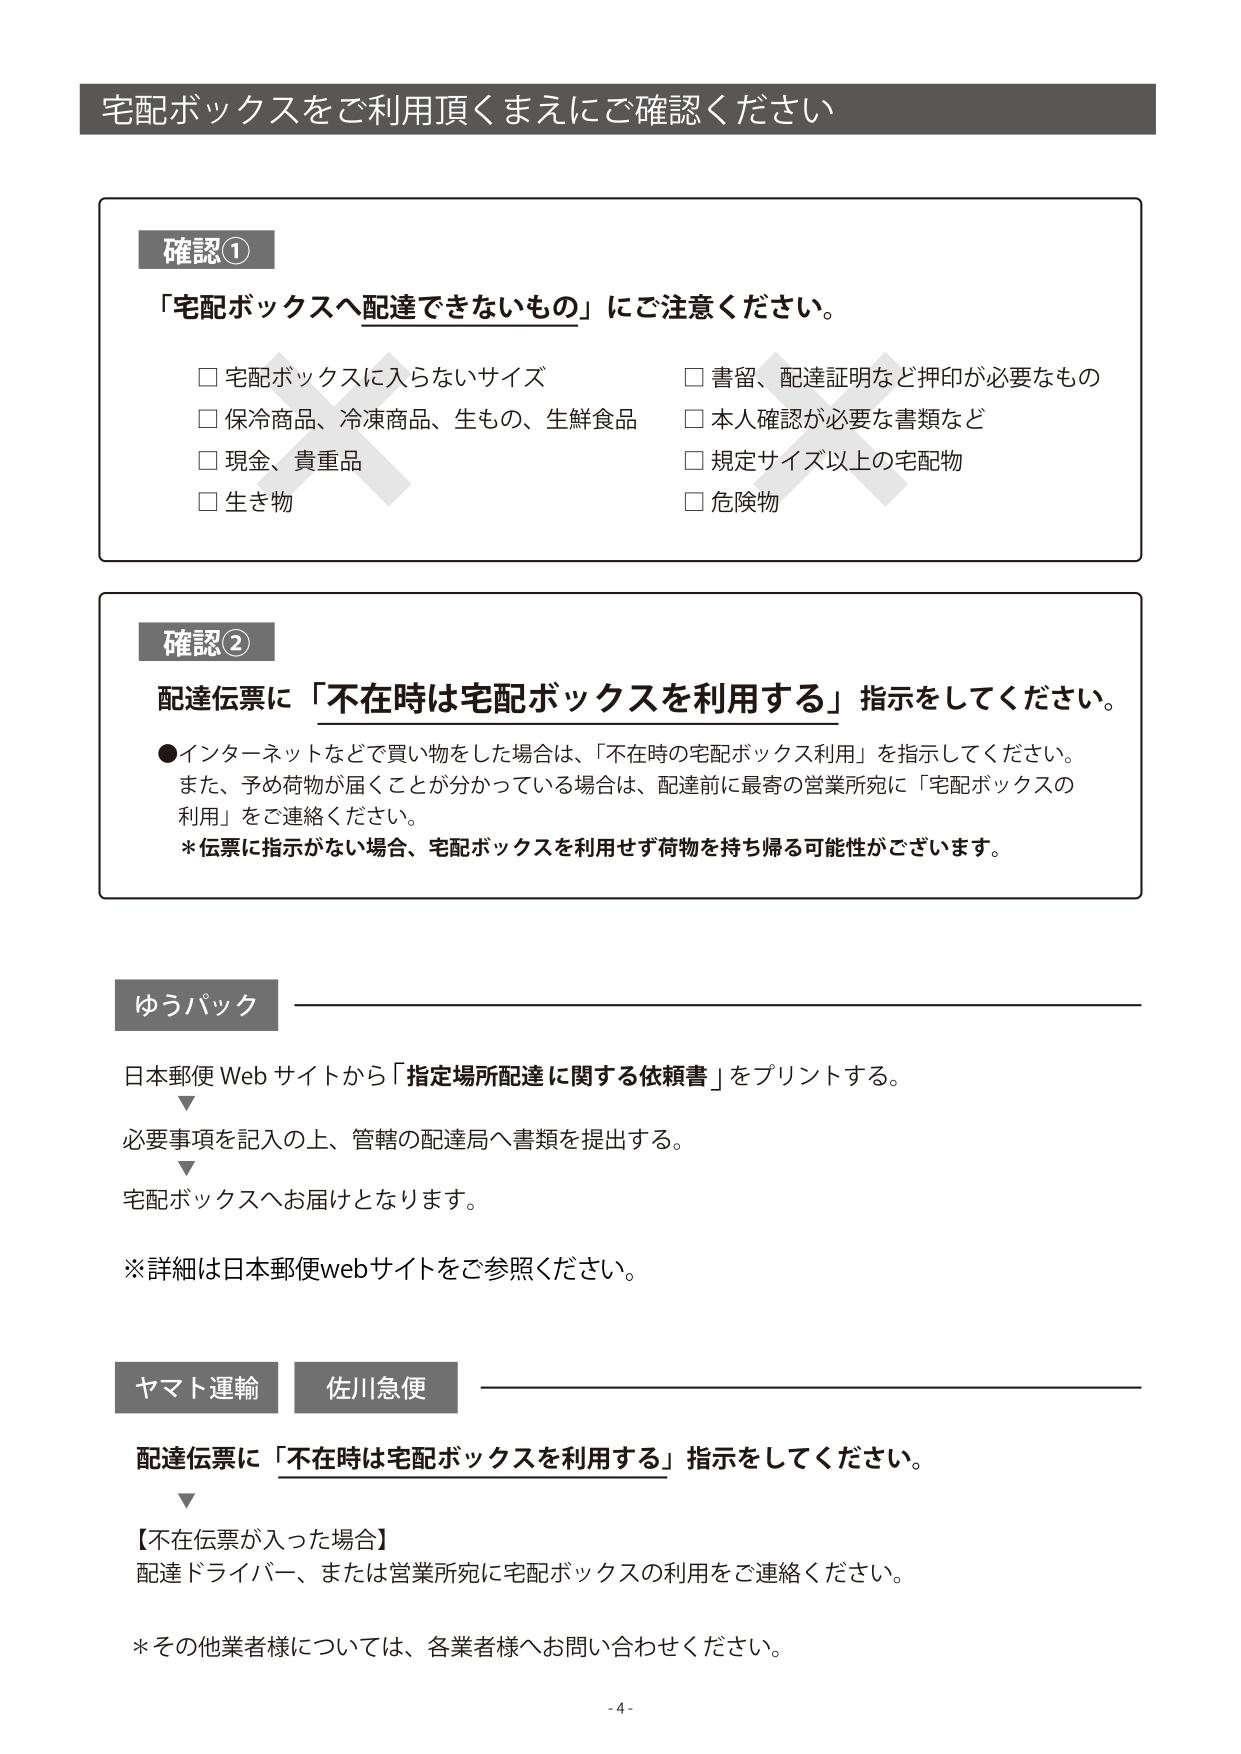 フロリア_取扱説明書_page-0006